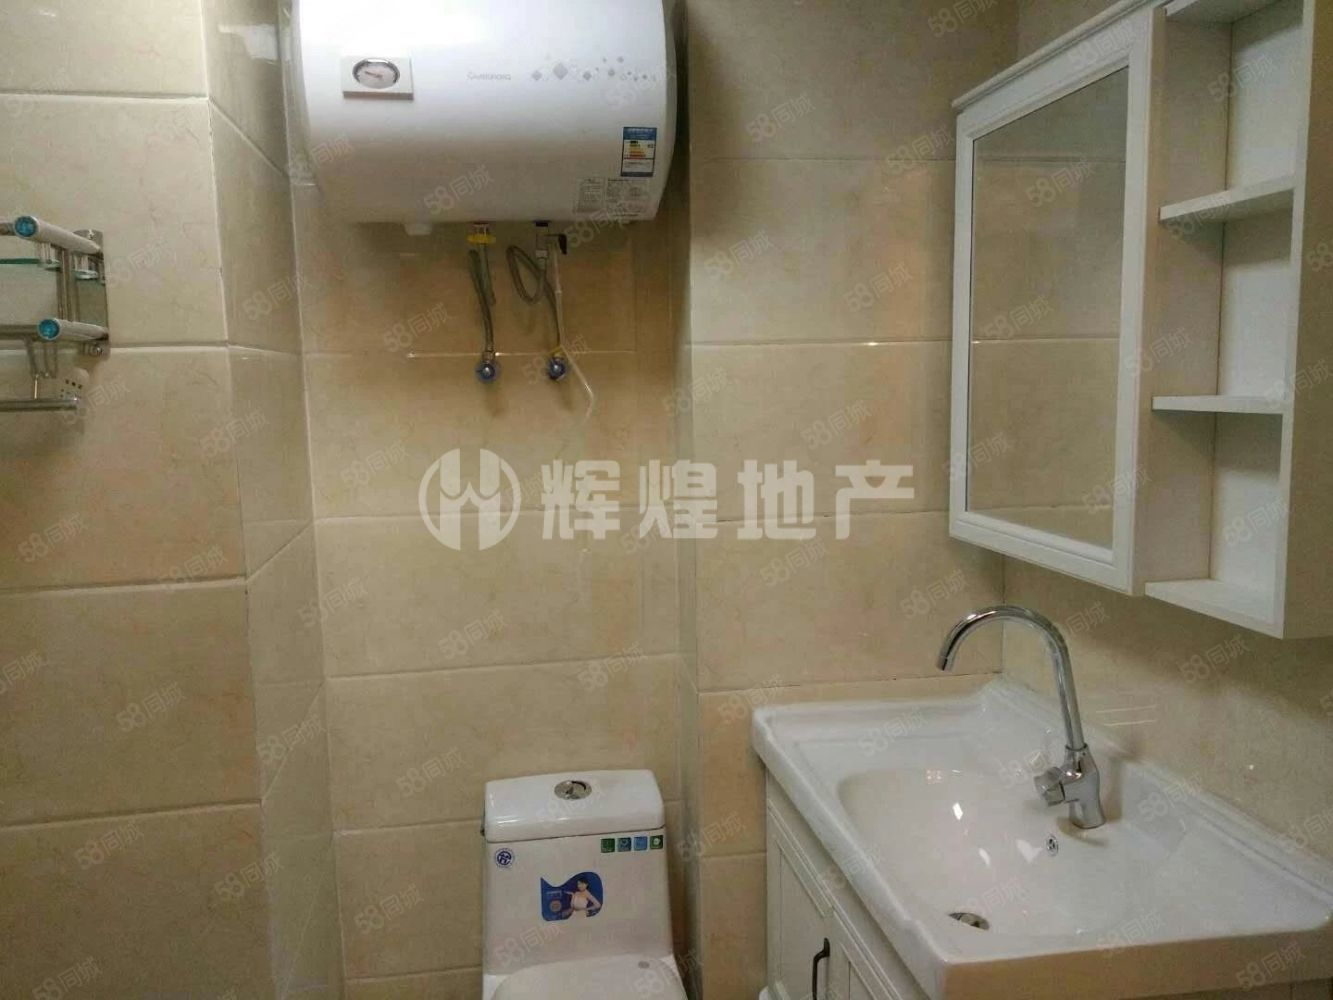 香檀山精装修一居室,配套齐全,独立卫生间,住的舒心